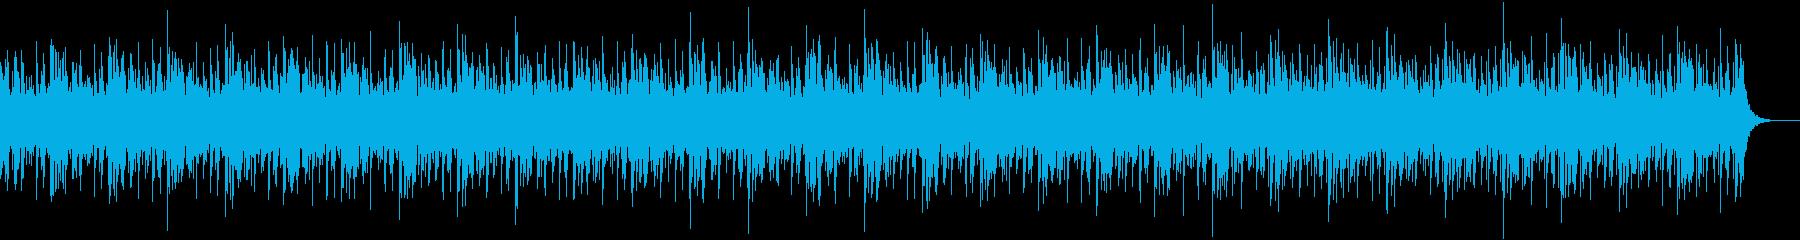 スタイリッシュなオープニングロックの再生済みの波形